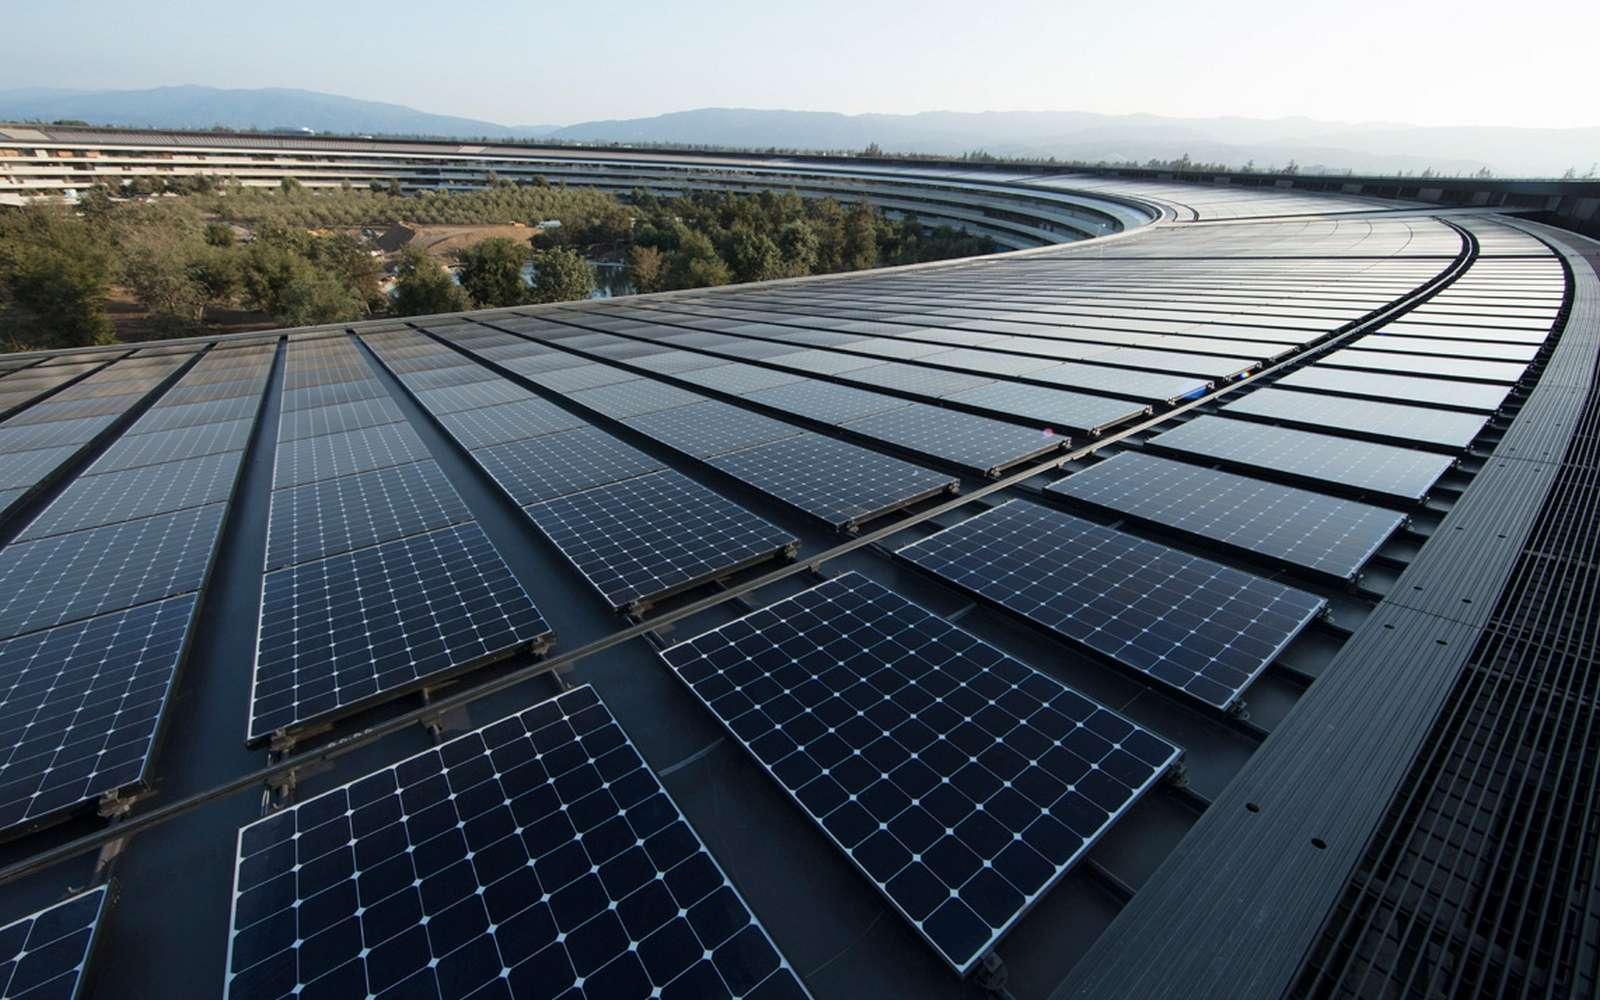 L'Apple Park, le nouveau siège d'Apple en Californie (Etats-Unis) est recouvert de panneaux solaires qui produisent 17 mégawatts d'énergie. Le site utilise également des piles à combustibles au biogaz délivrant 4 mégawatts. © Apple